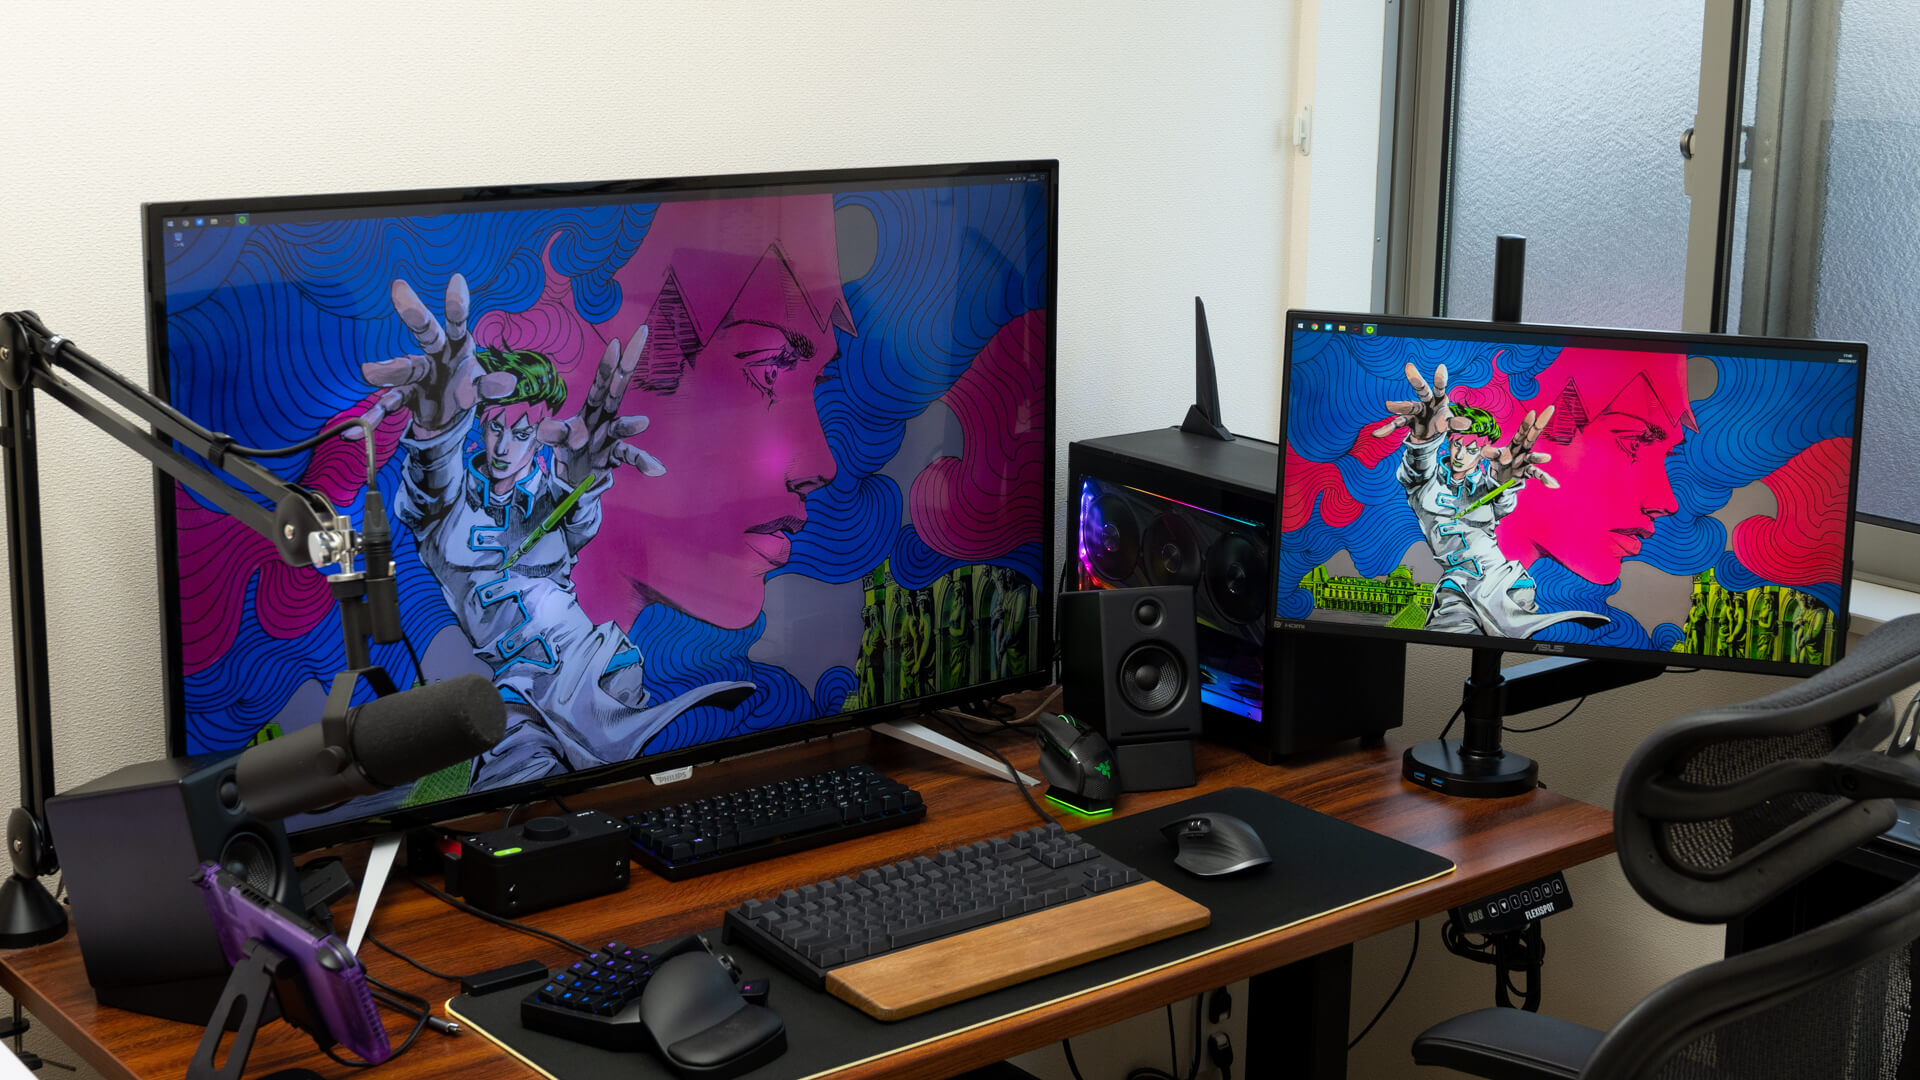 デスクツアー2021。43インチ4K+144Hzのデュアルモニターで作業もゲームも快適なデスク環境を紹介